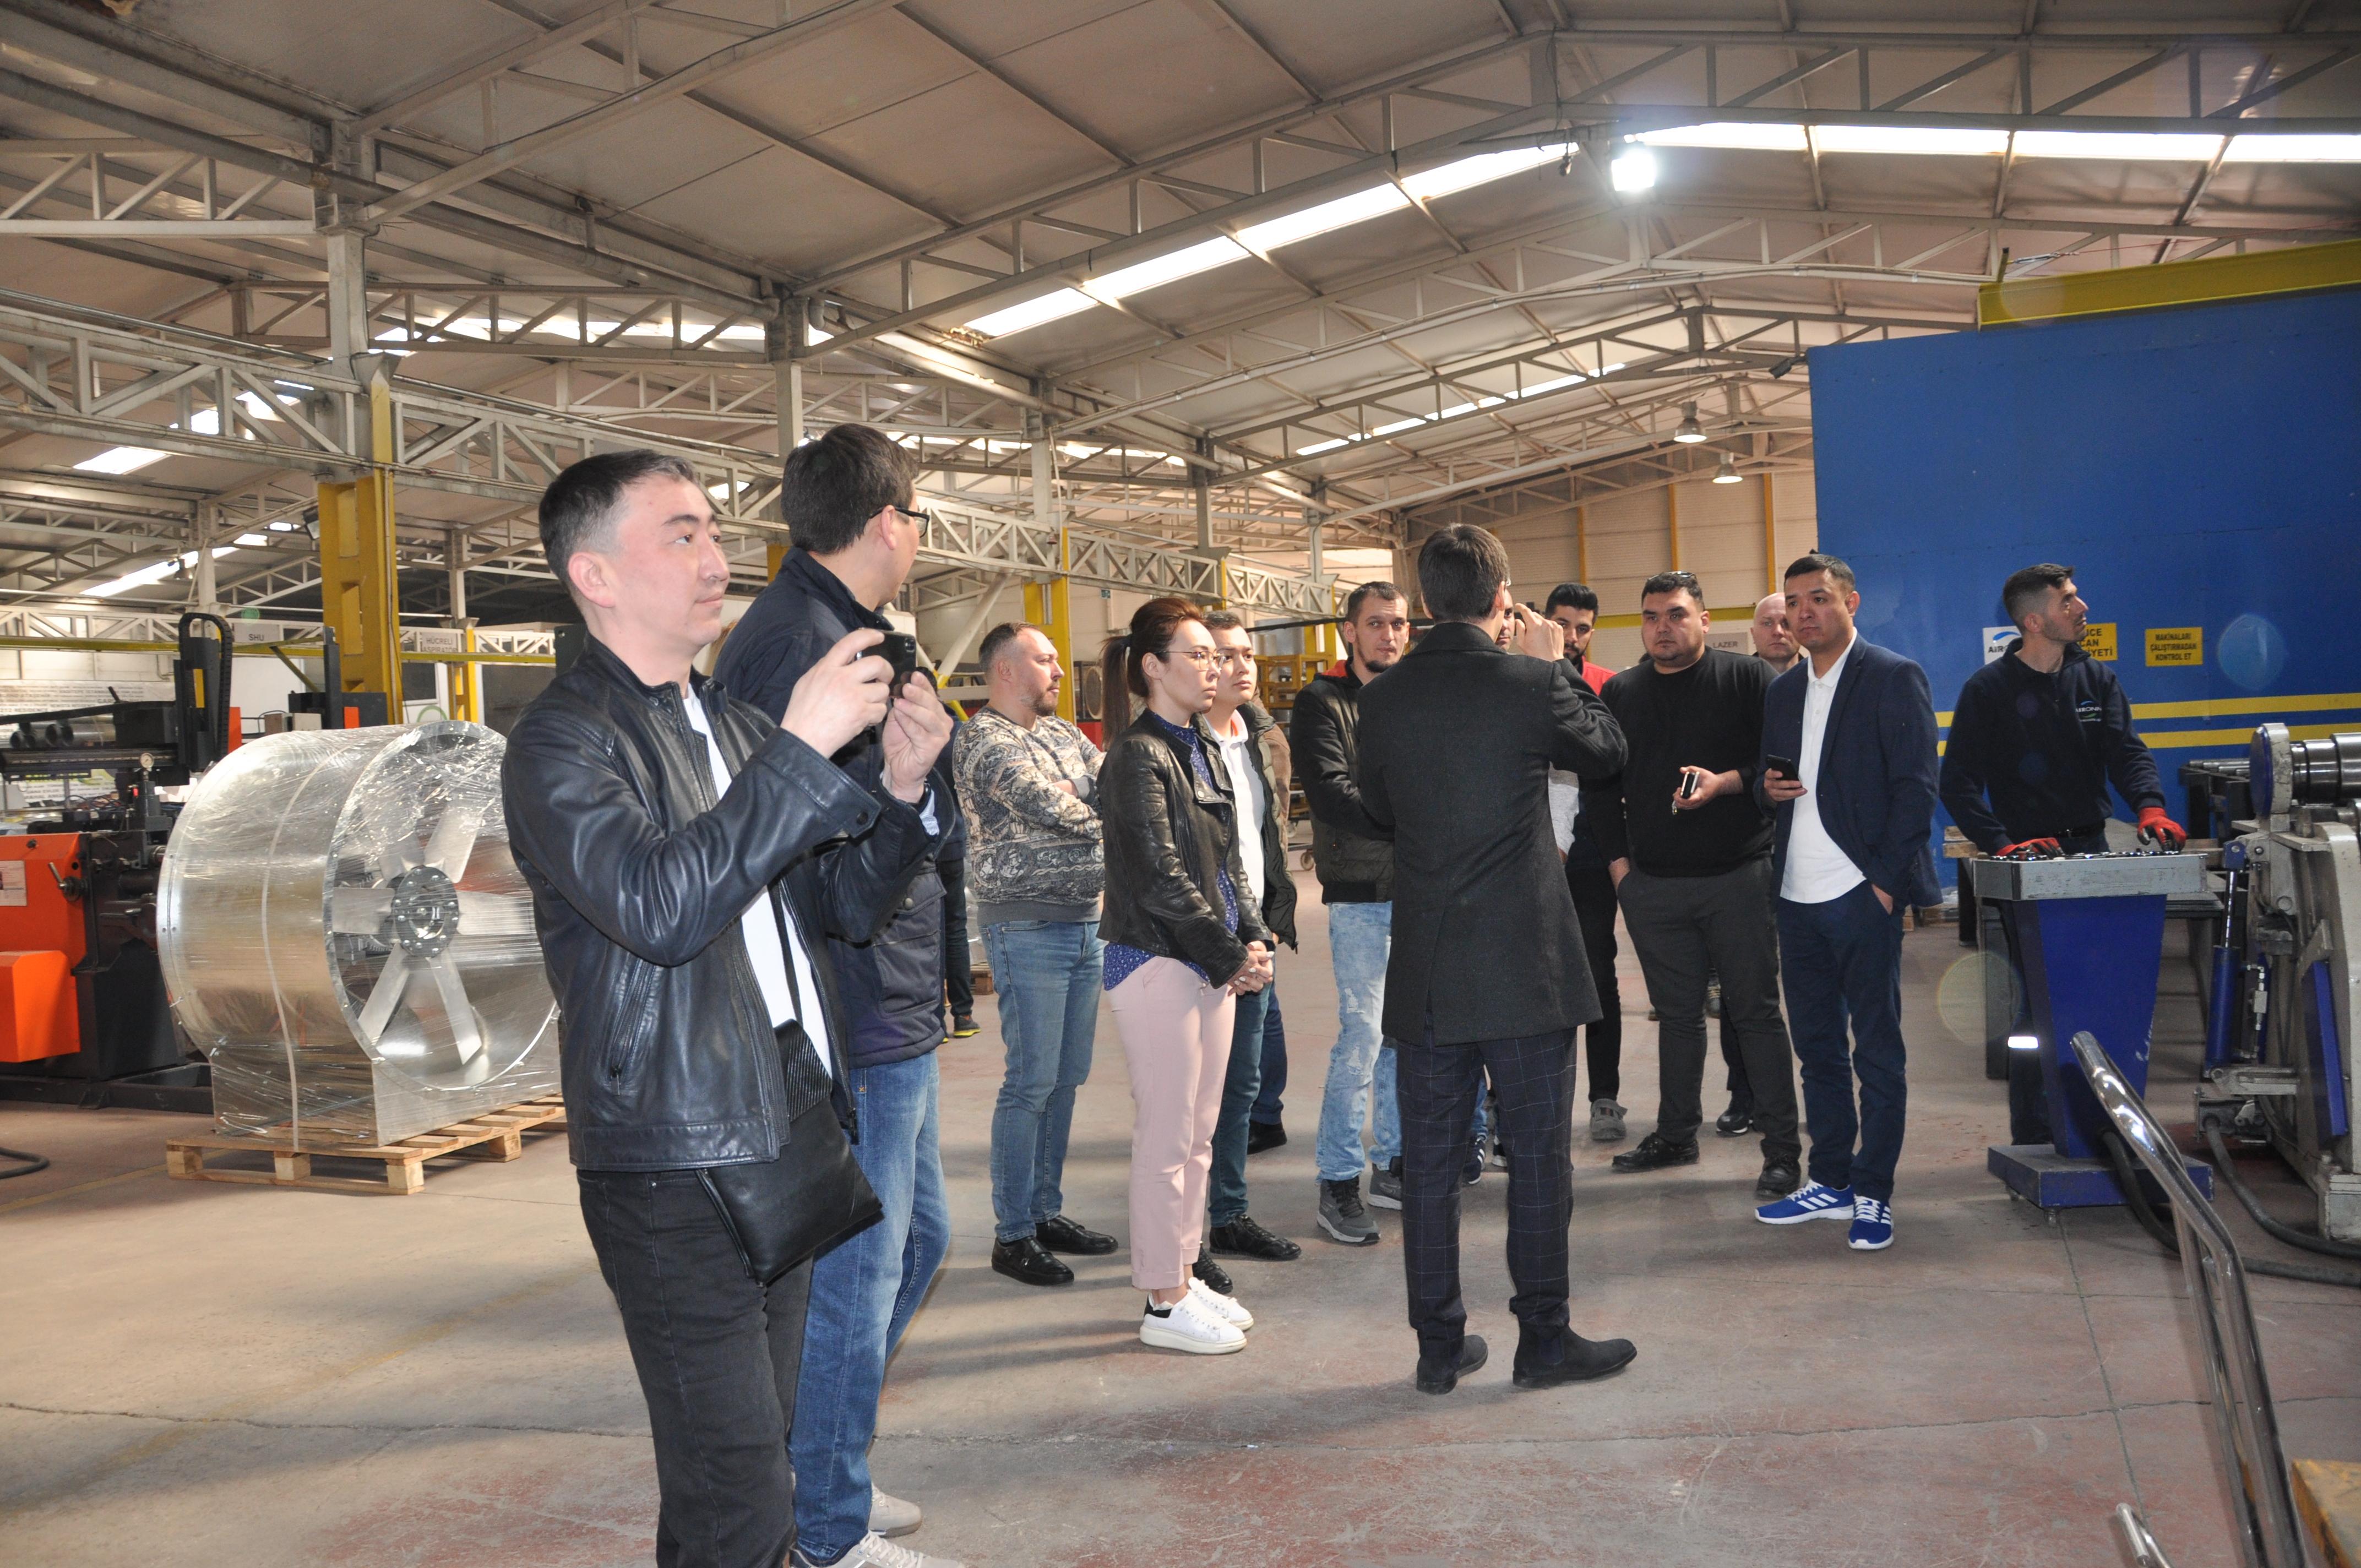 Aironn, Özbekistan Proje Taahhüt Grupları Temsilcilerini Fan Üretim Merkezi'nde Ağırladı